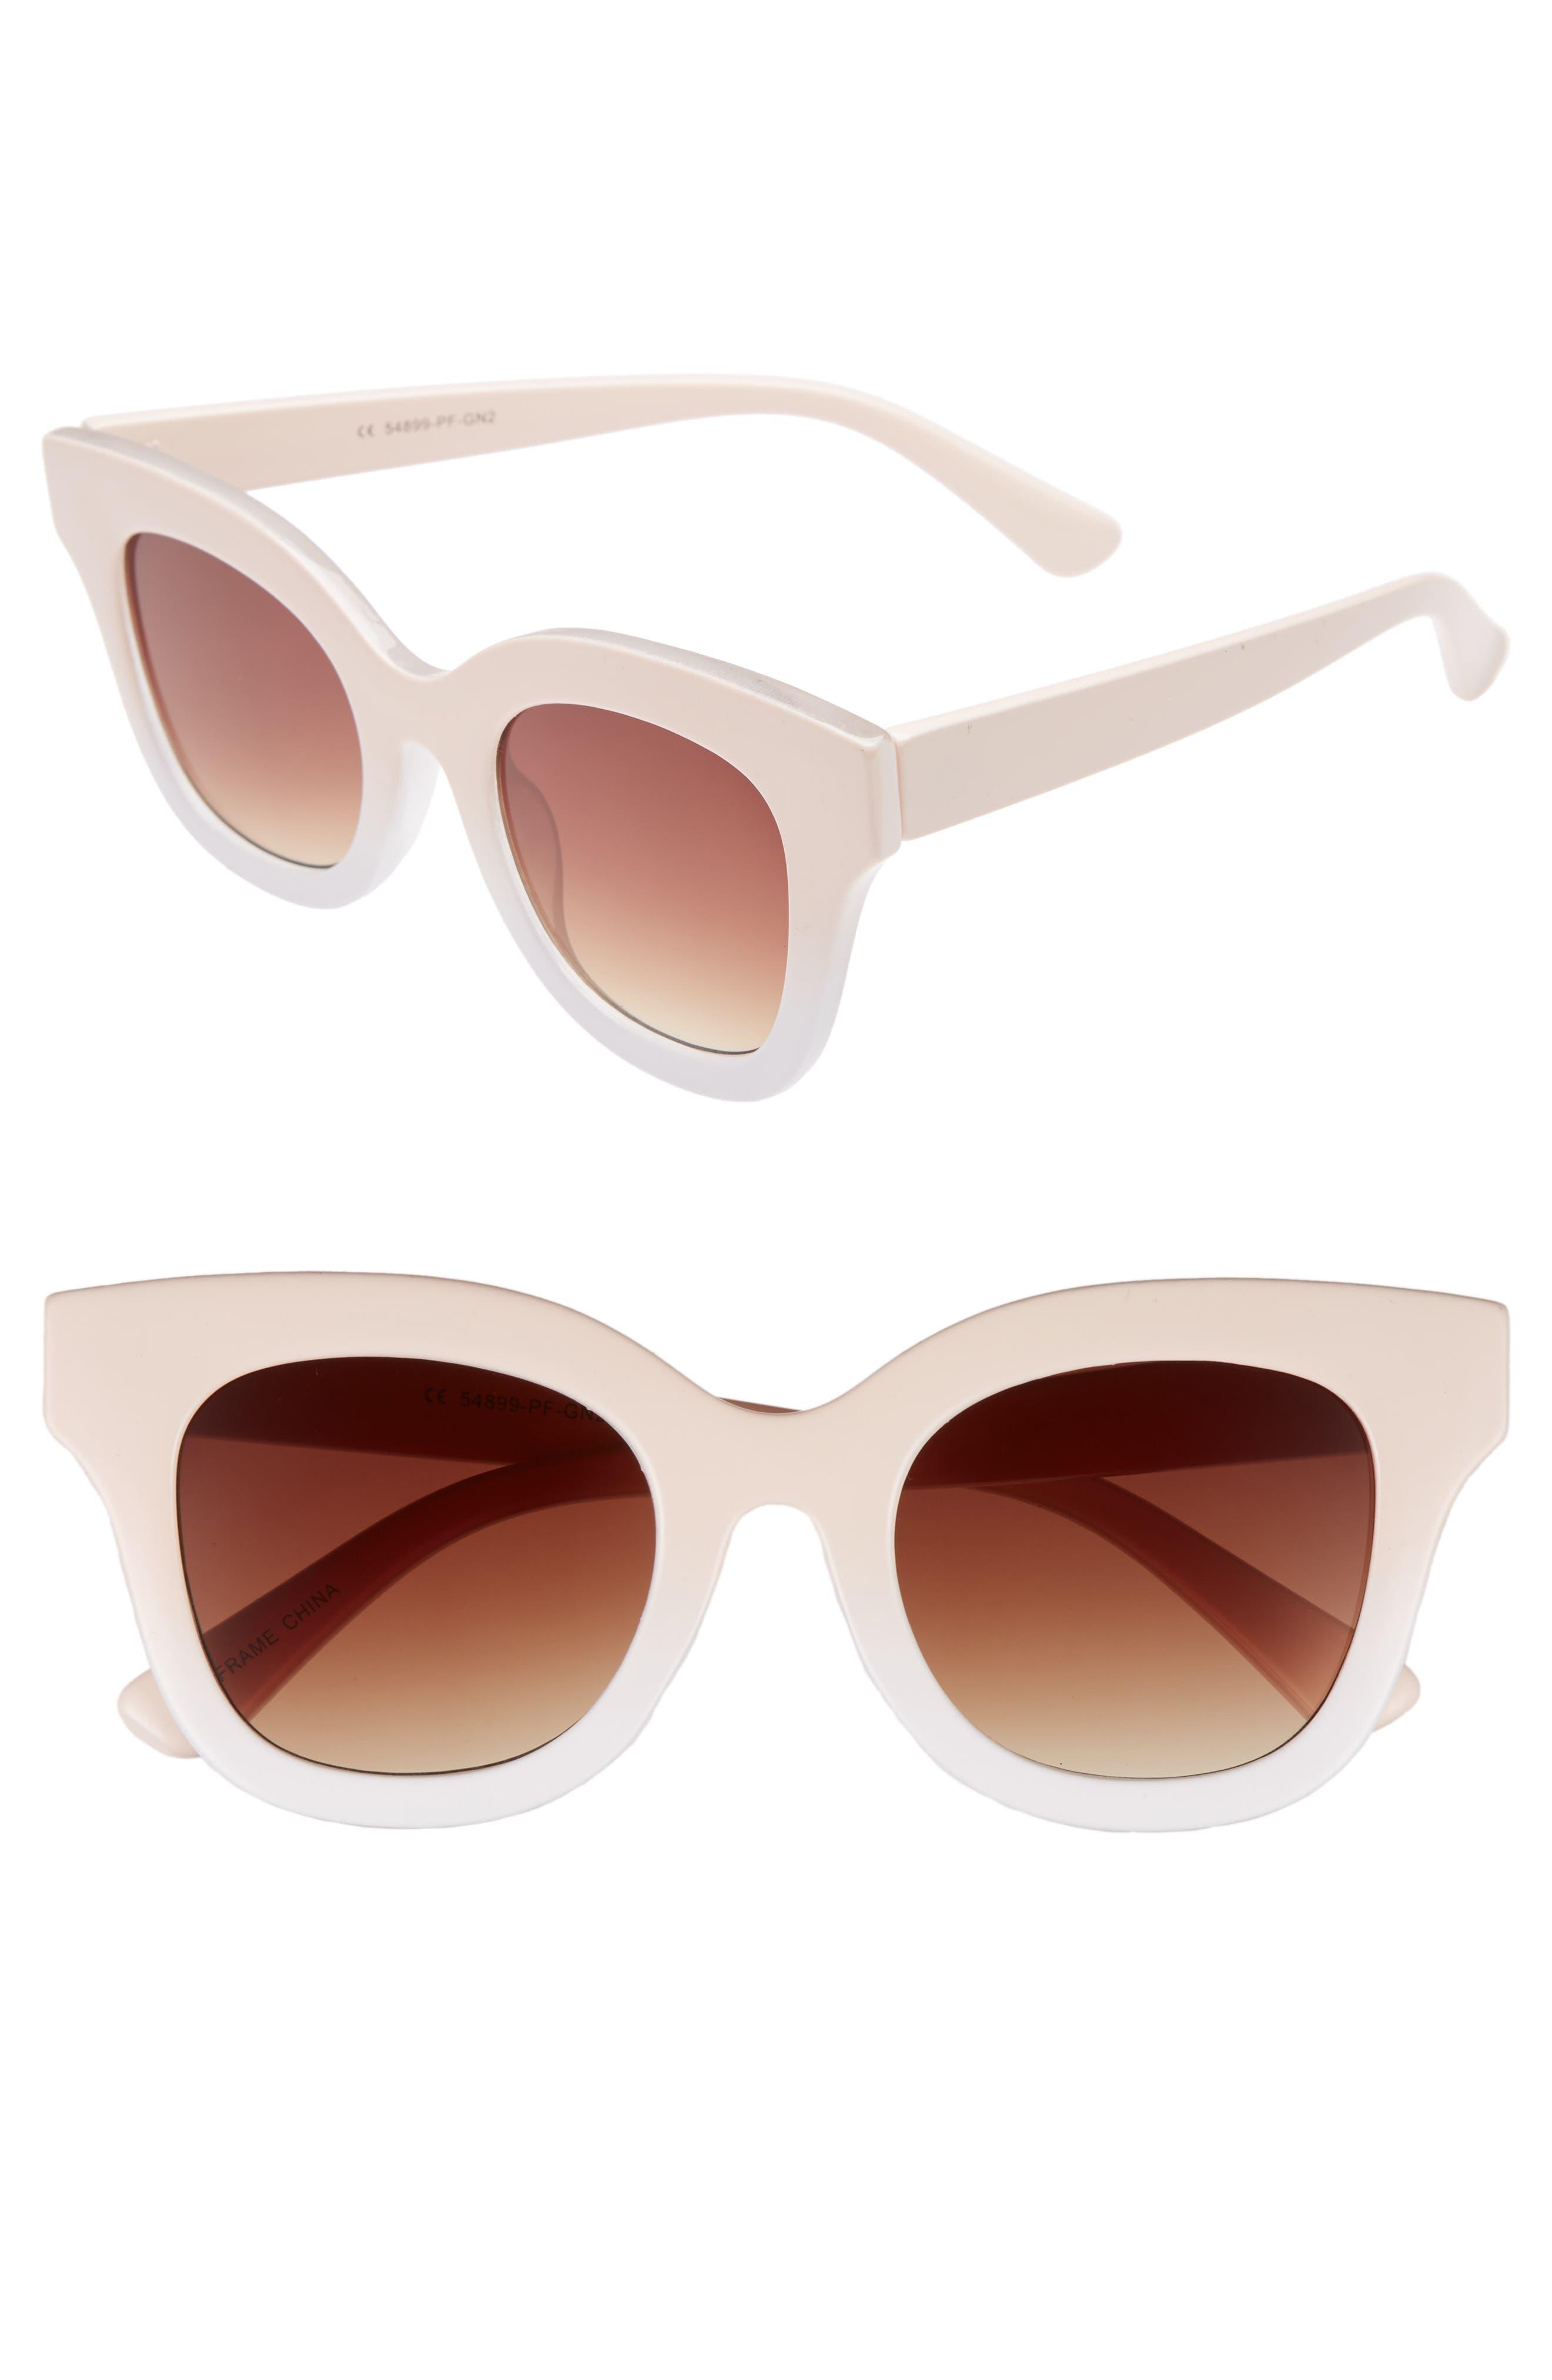 50mm Ombré Square Sunglasses,                             Main thumbnail 1, color,                             Pink